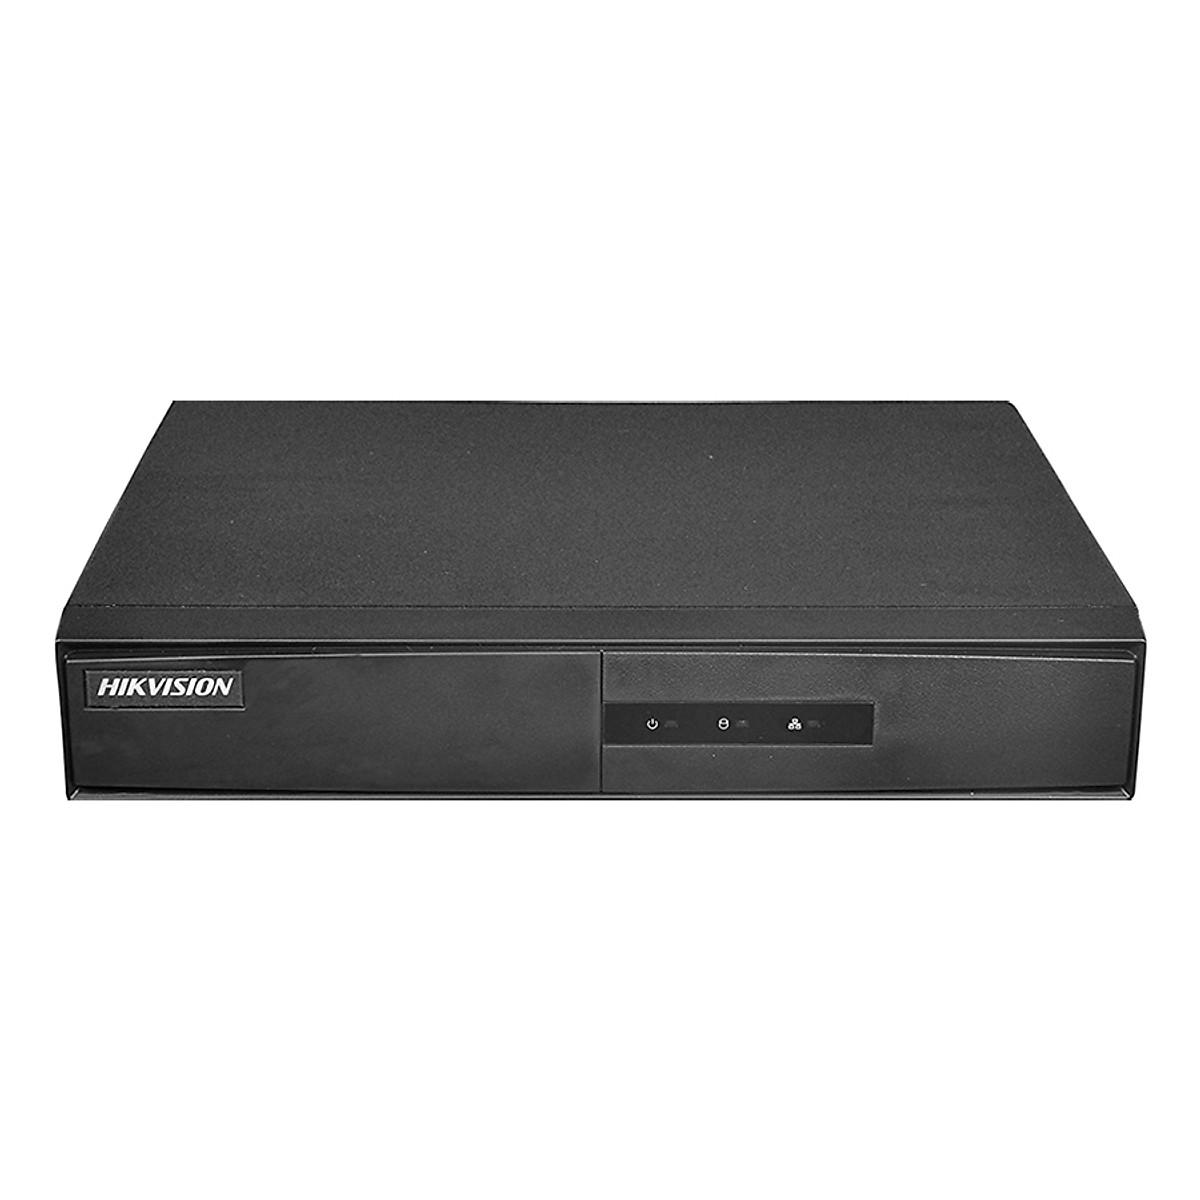 Đầu Ghi Hình HD-TVI 8 Kênh Turbo HD 3.0 Hikvision DVR DS-7208HGHI-F1/N – Hàng Nhập Khẩu